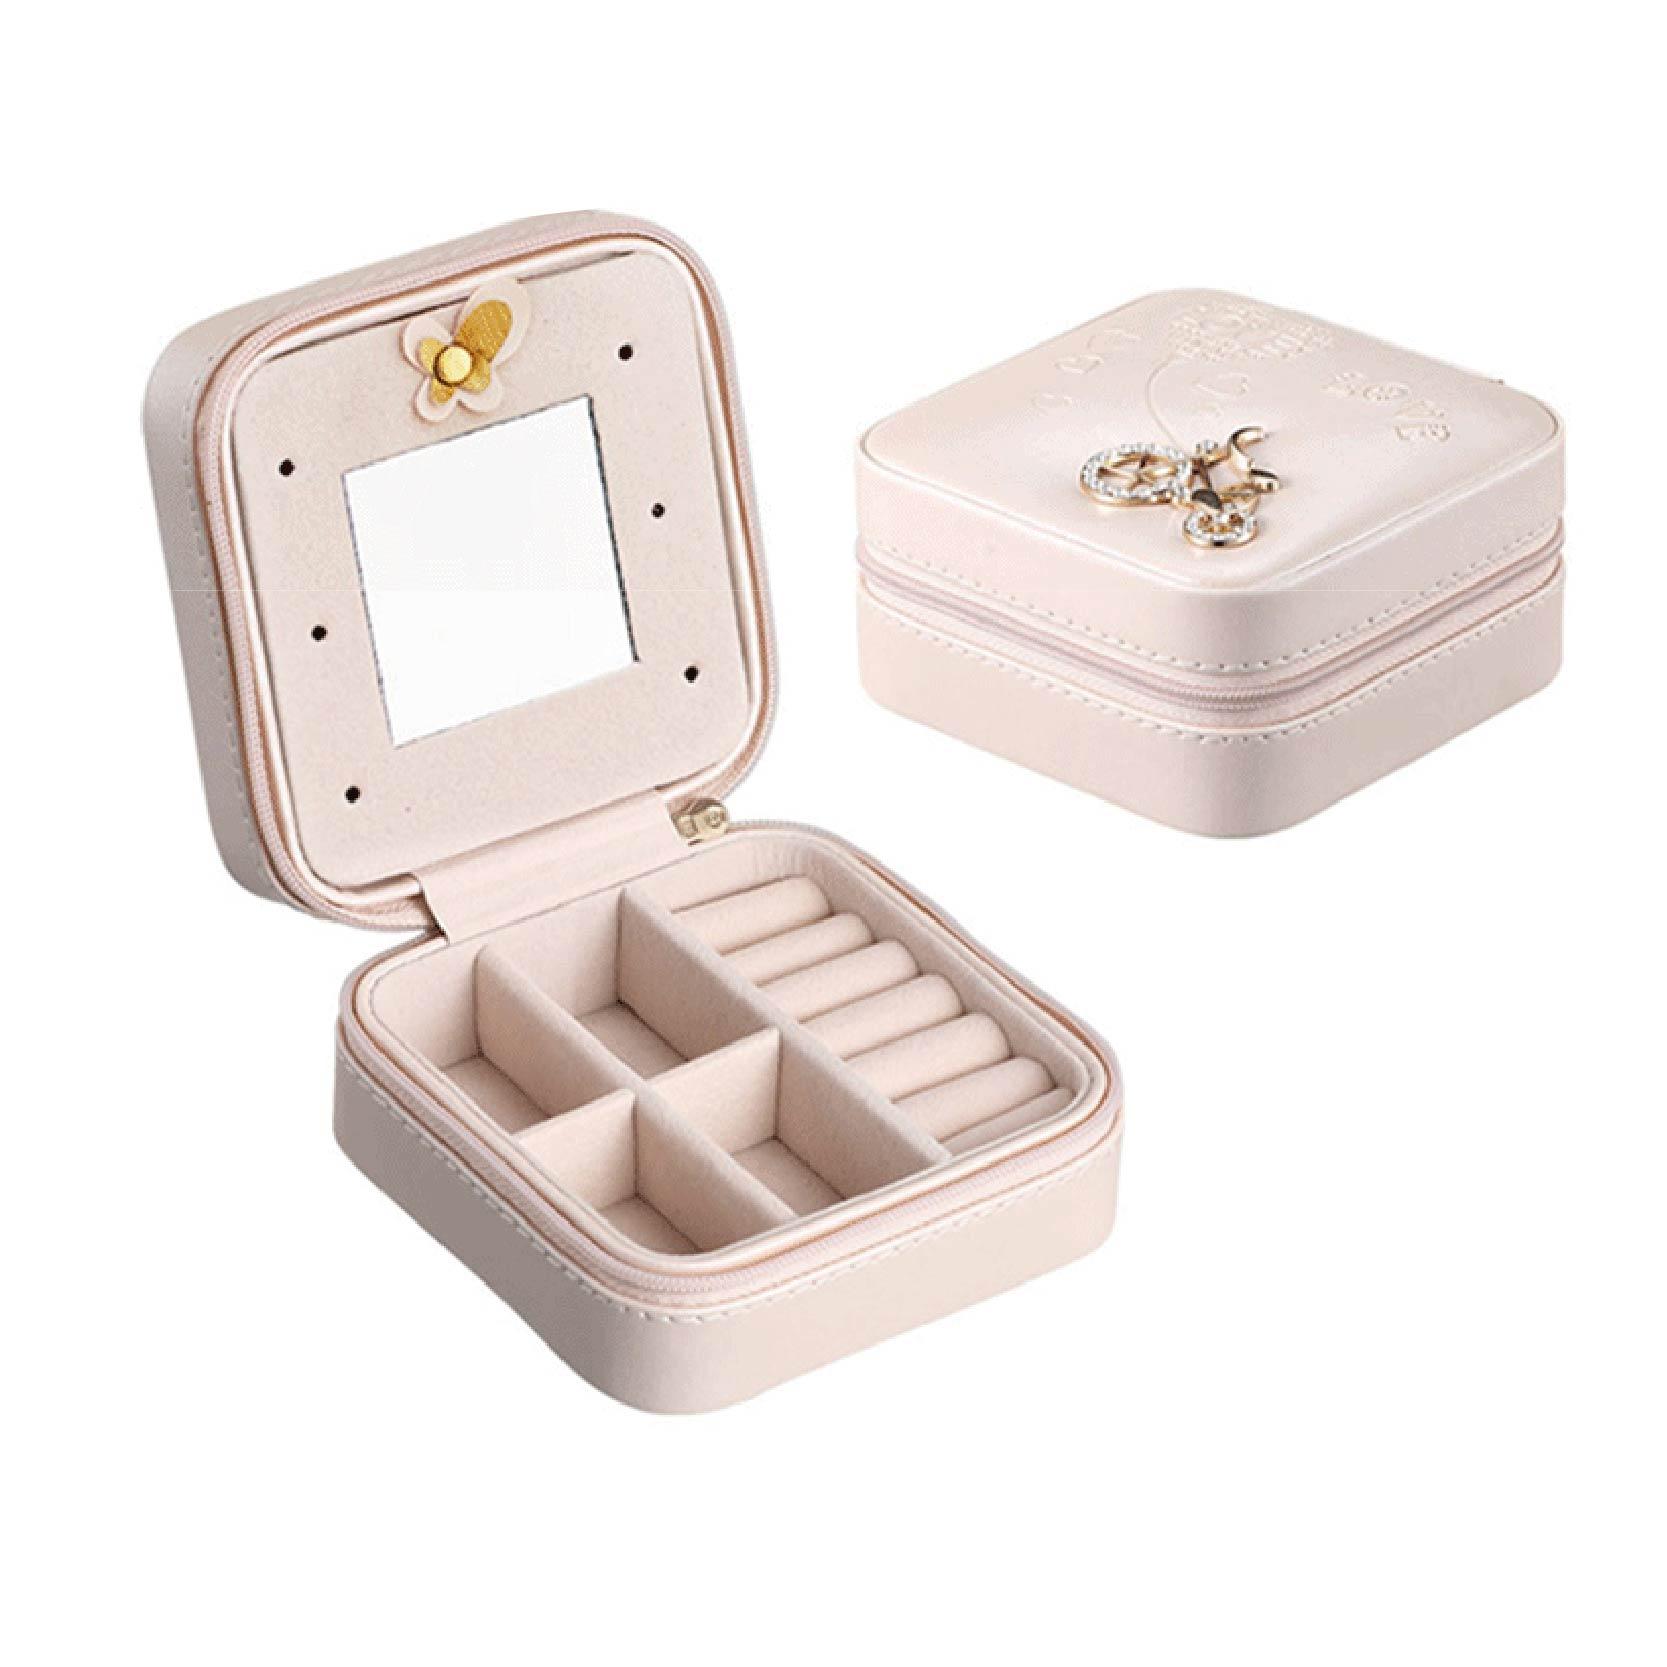 【隨身飾品收納盒】飾品盒 珠寶盒 鏡子珠寶盒 首飾盒 首飾收納盒 飾品收納【AB108】 1